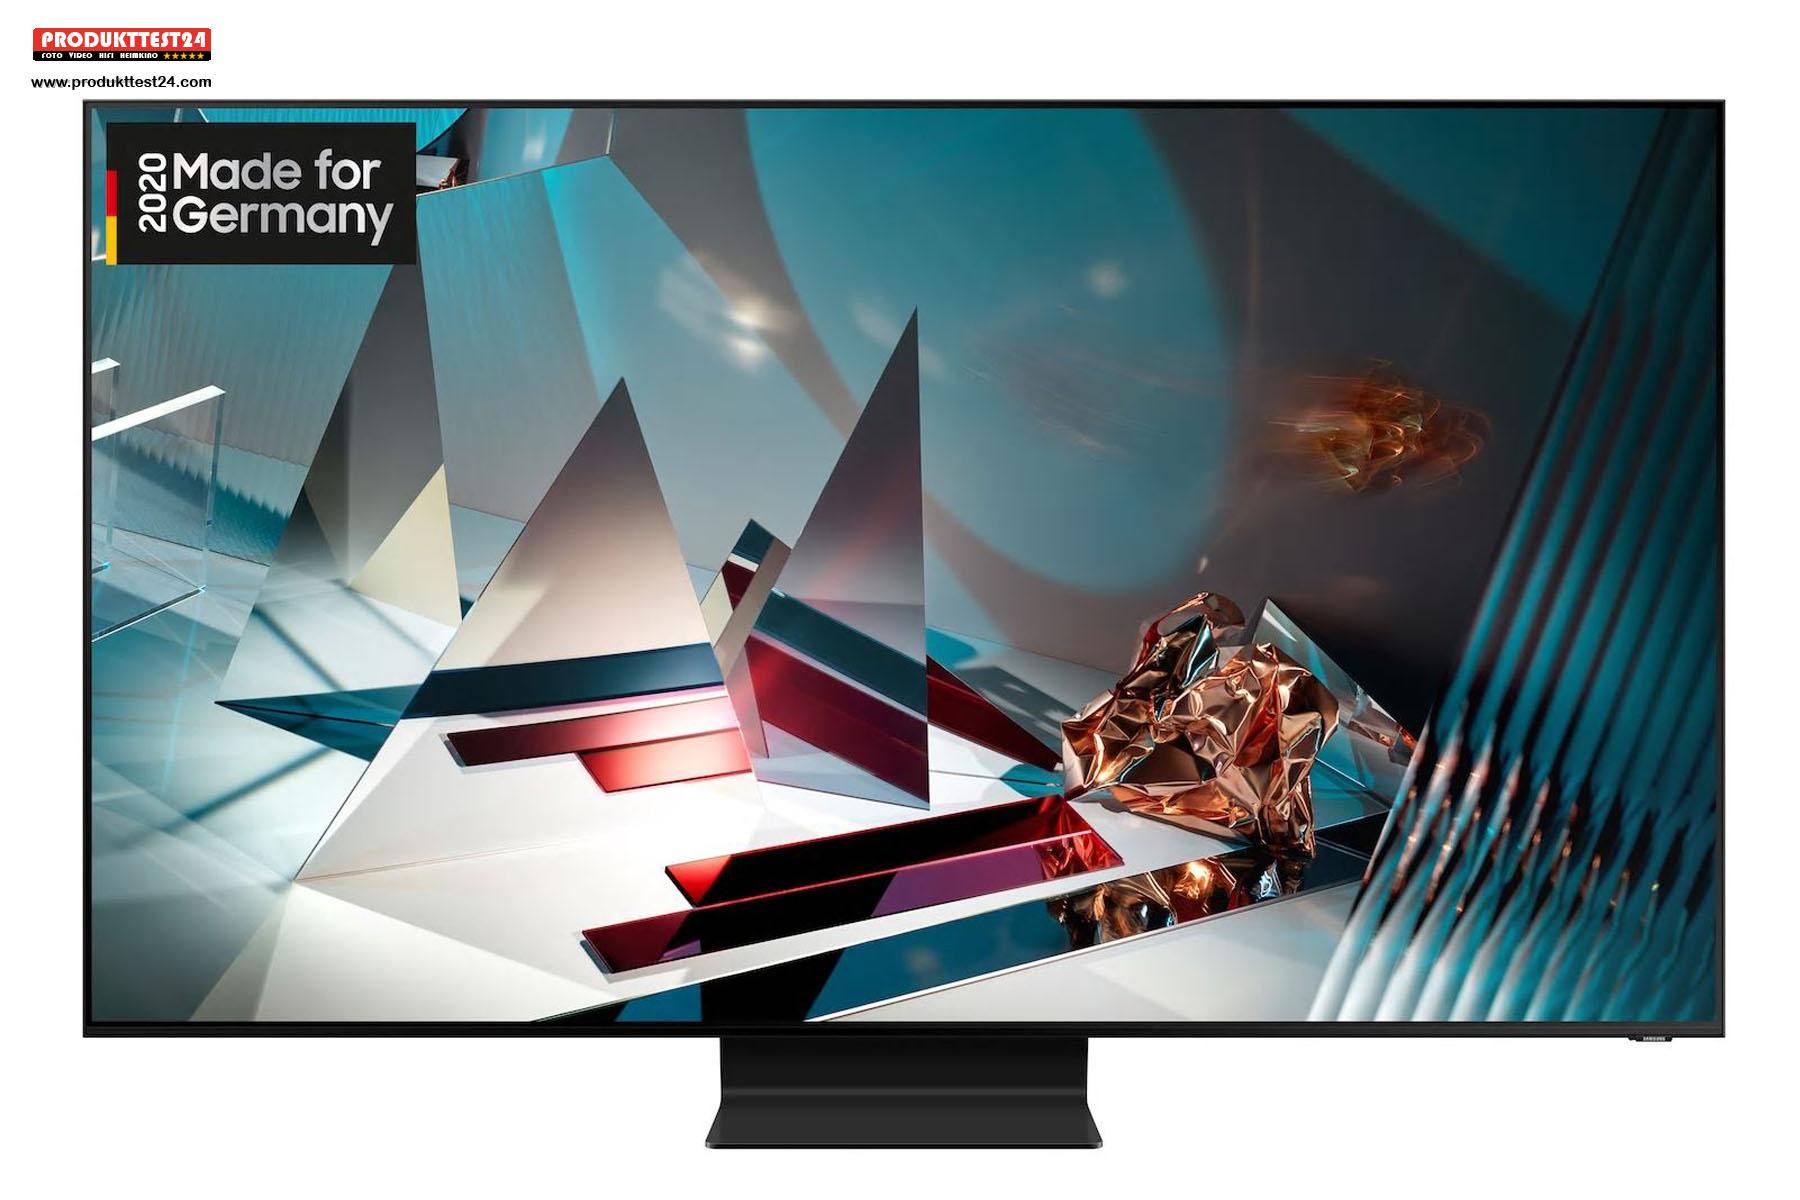 Samsung GQ75Q800T mit einer Bilddiagonale von 189 cm und 8K Auflösung.